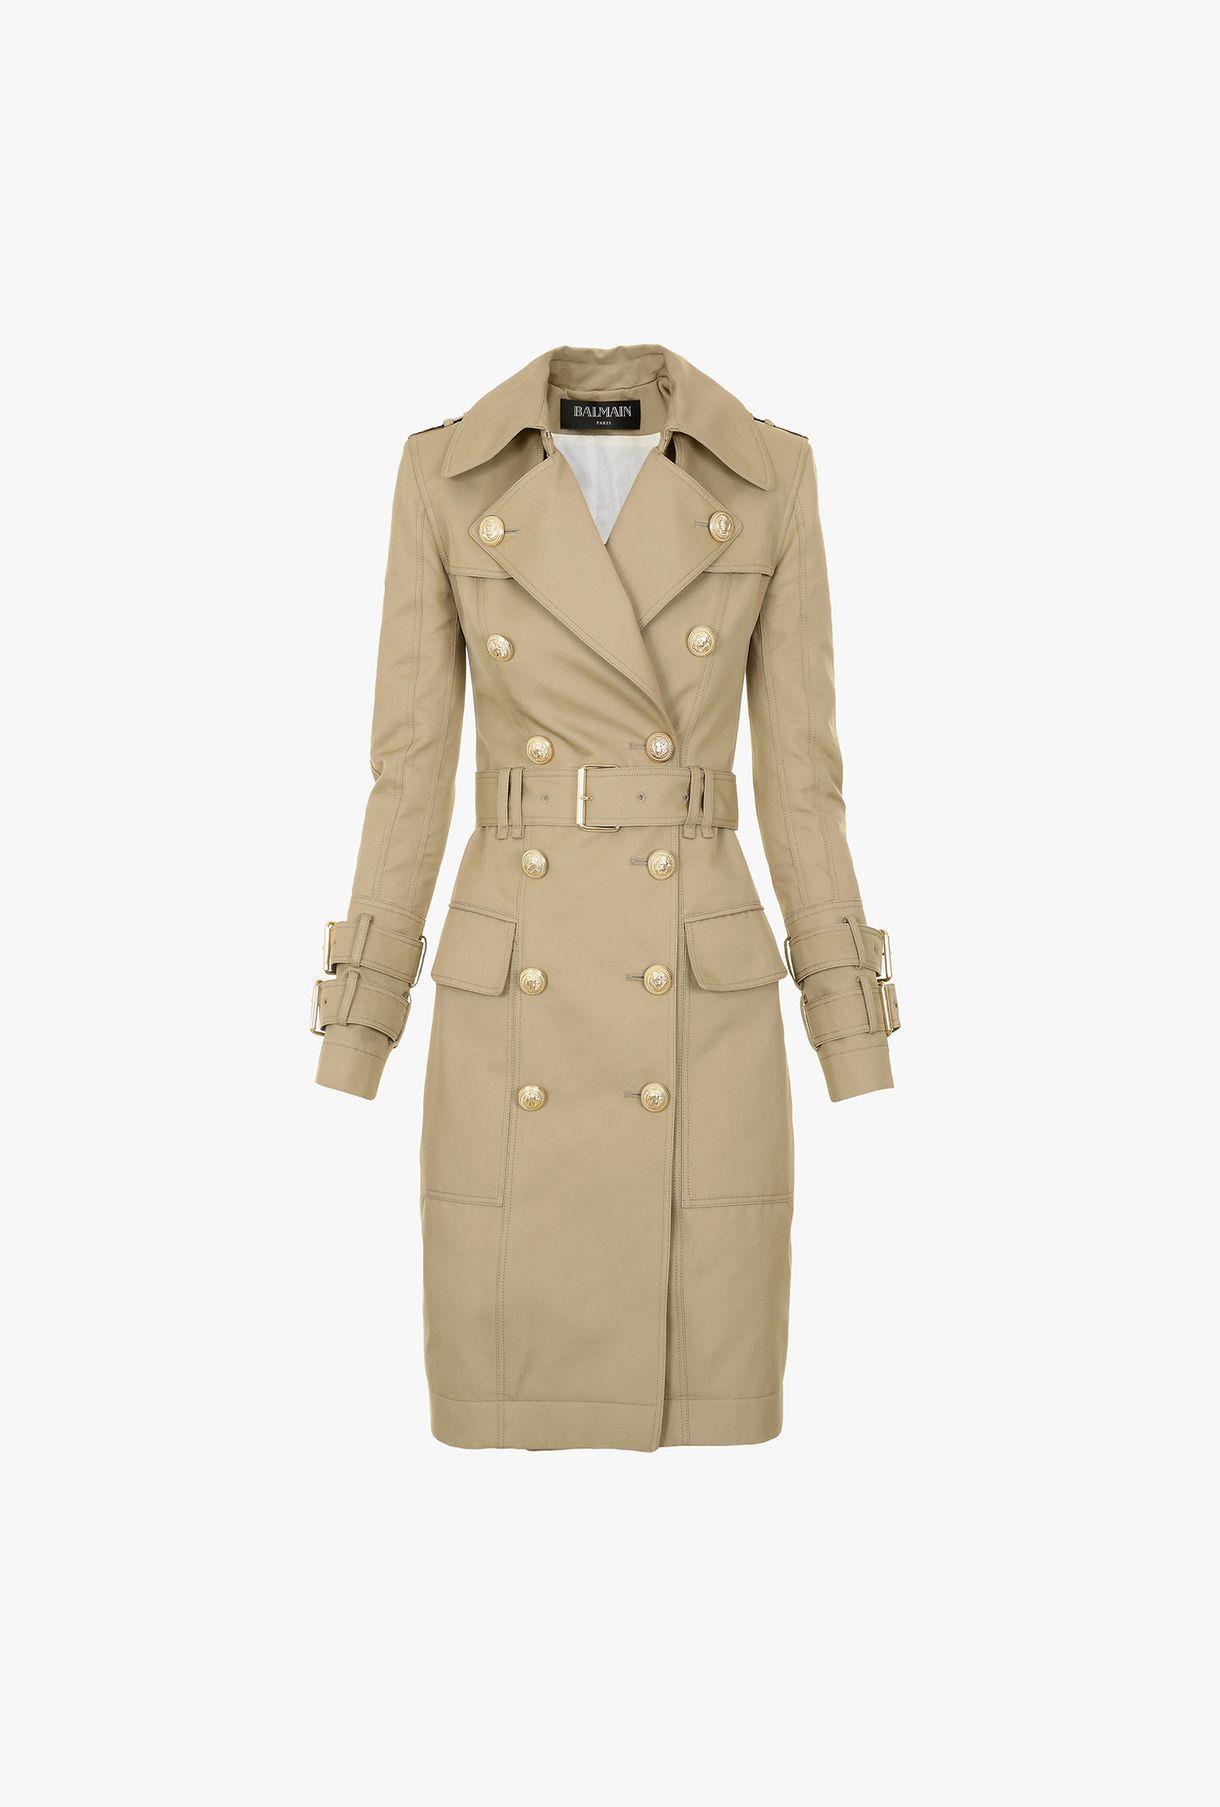 57835fdd1aa9 BALMAIN Long cotton trench coat Outerwear Woman f